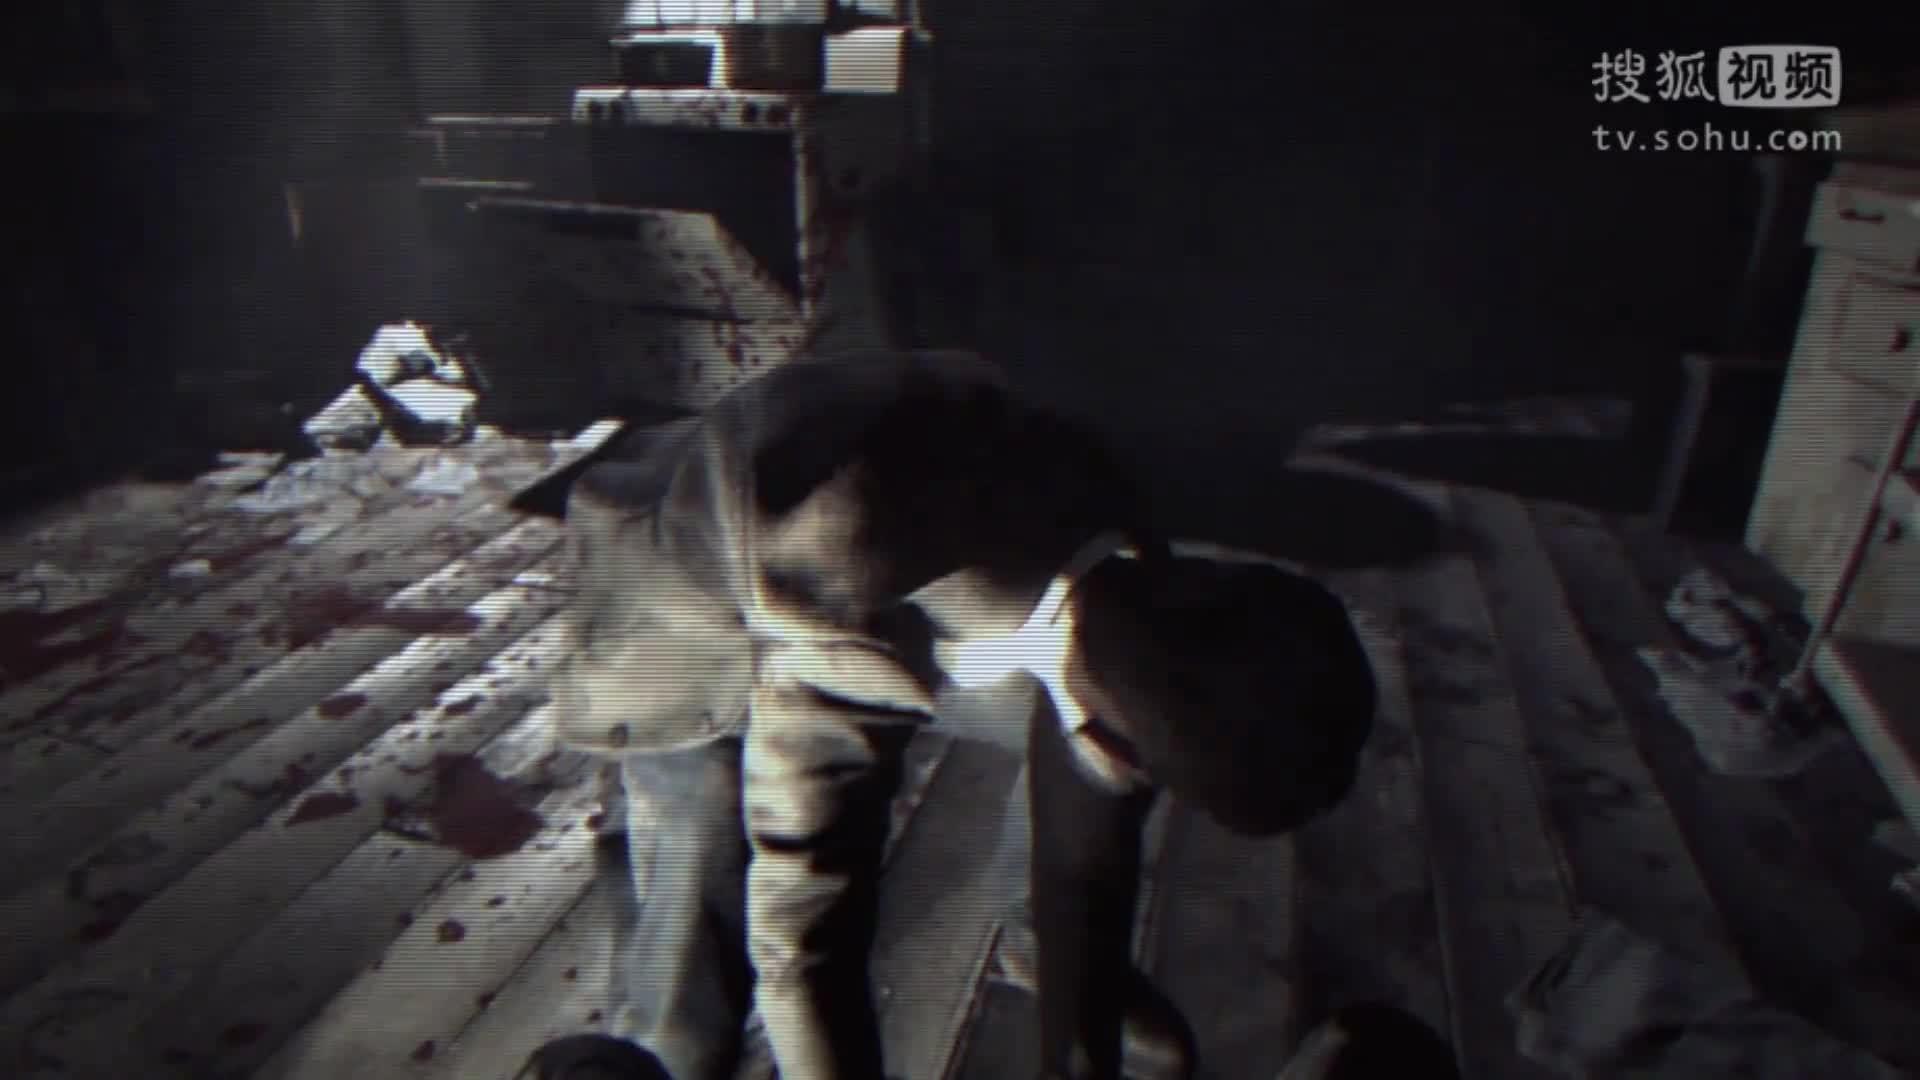 【原声】回归恐怖原点《PS4 生化危机7 Beginning Hour》老戴在此